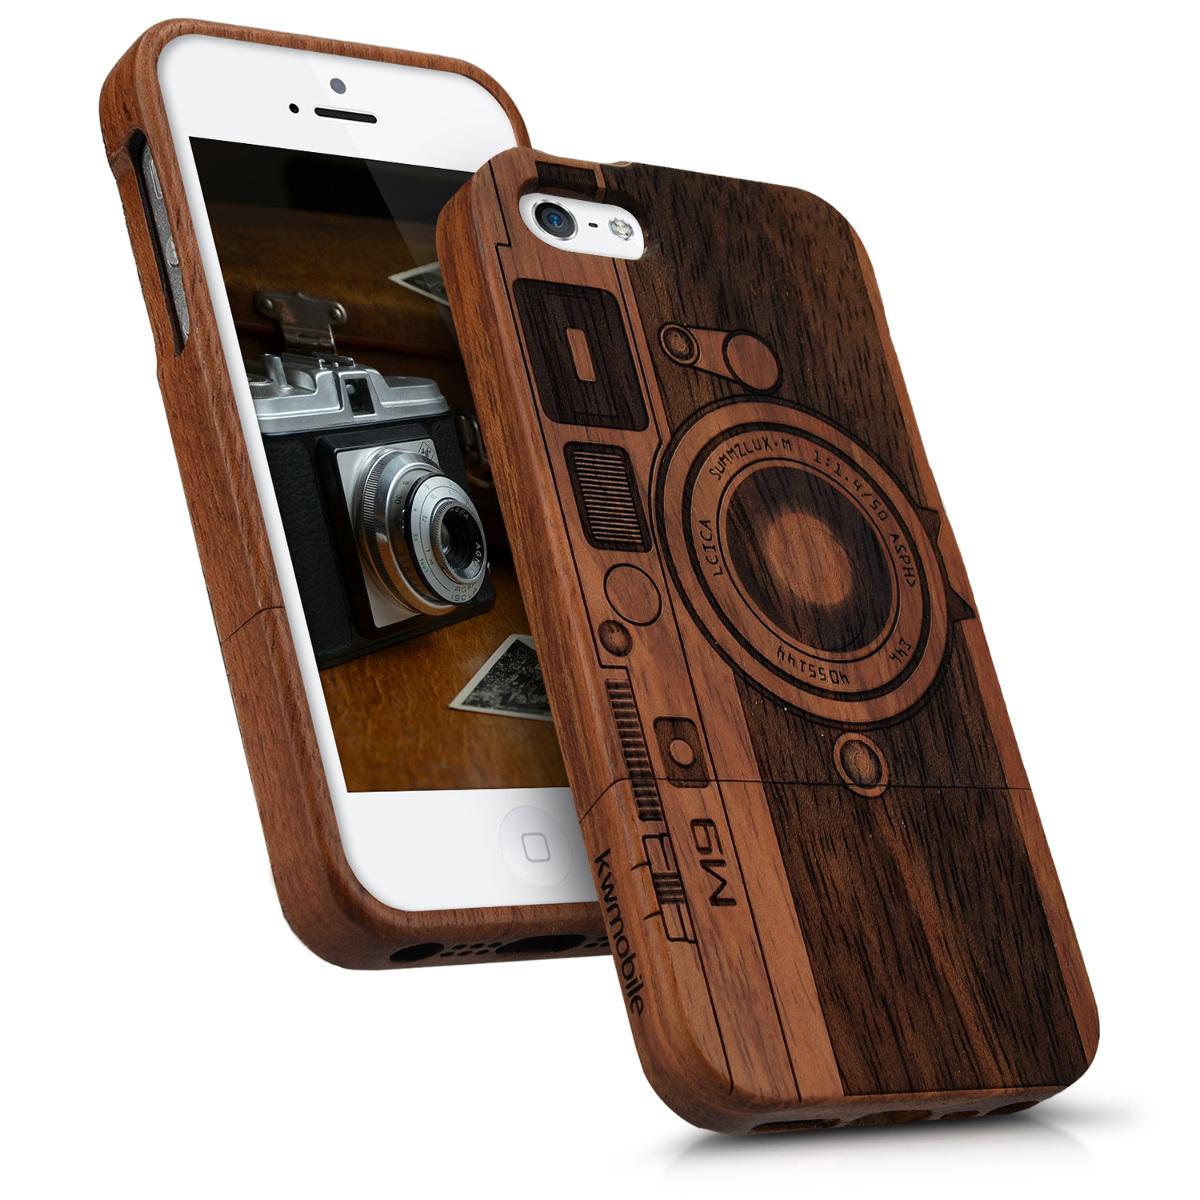 holz hard case f r apple iphone se 5 5s cover schutz h lle. Black Bedroom Furniture Sets. Home Design Ideas